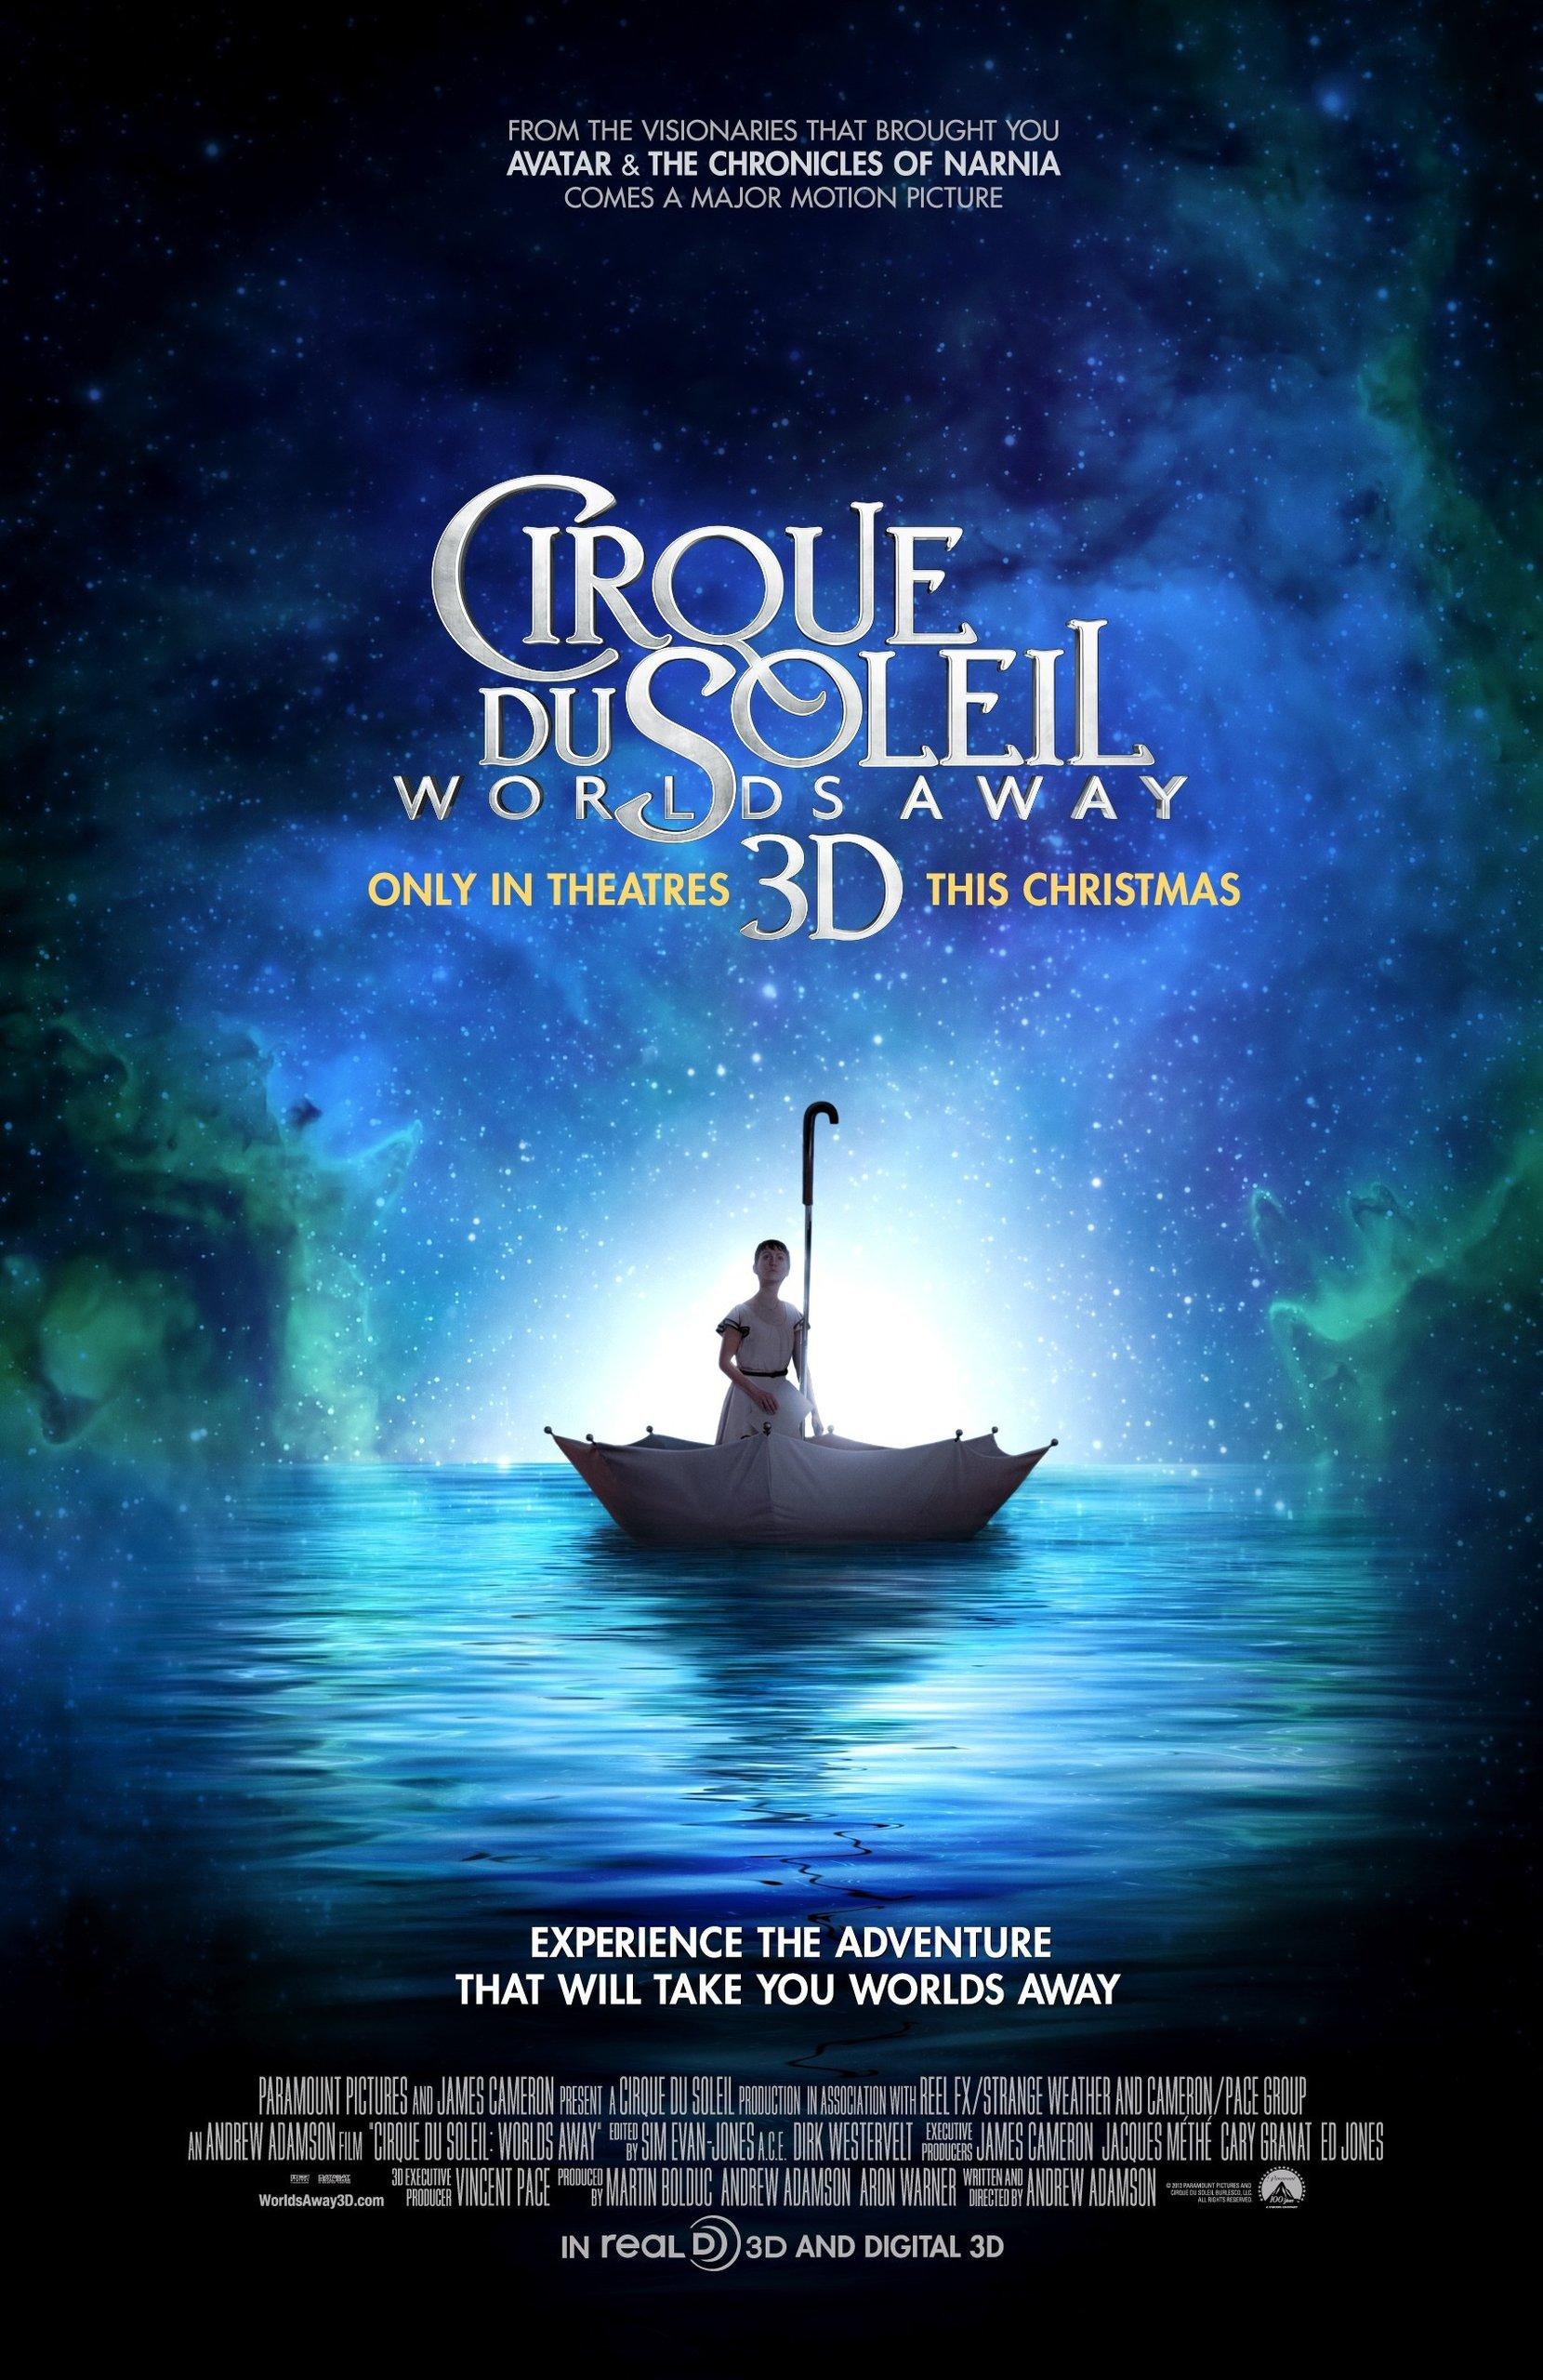 Цирк дю Солей: Сказочный мир в 3D / Cirque du Soleil: Worlds Away (2012) - онлайн